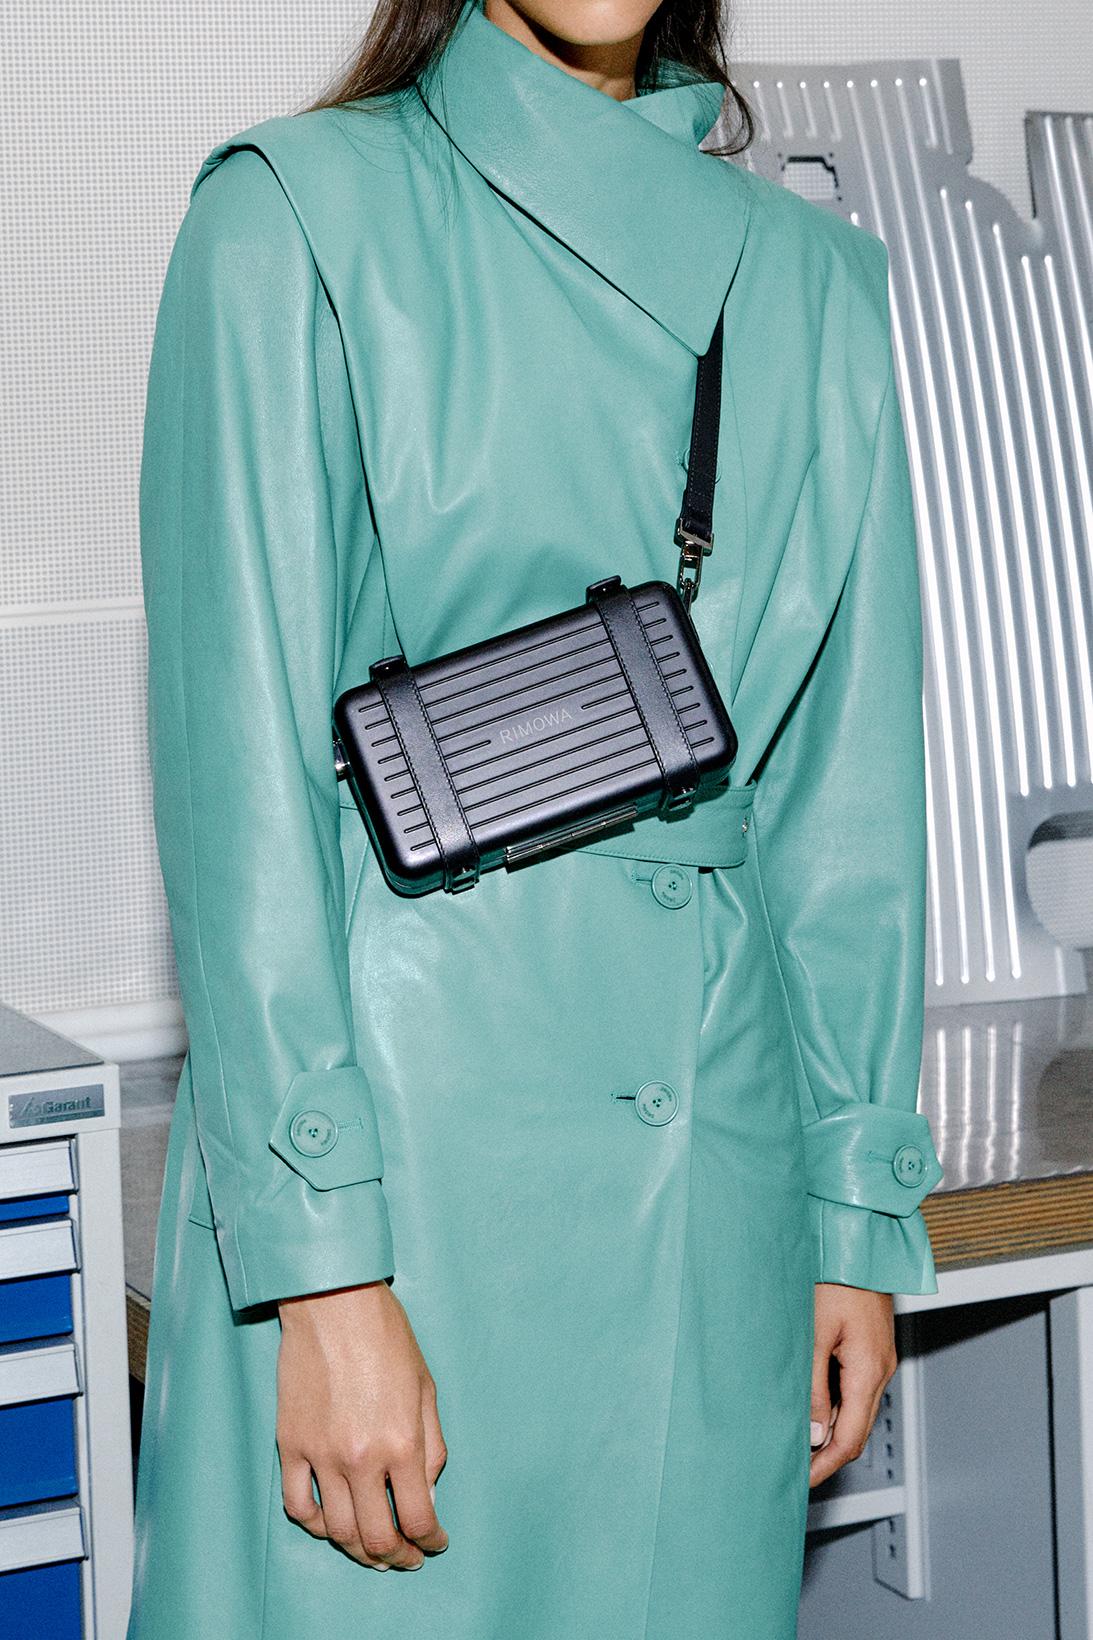 Rimowa выпустил новые унисекс-модели сумок (фото 6)